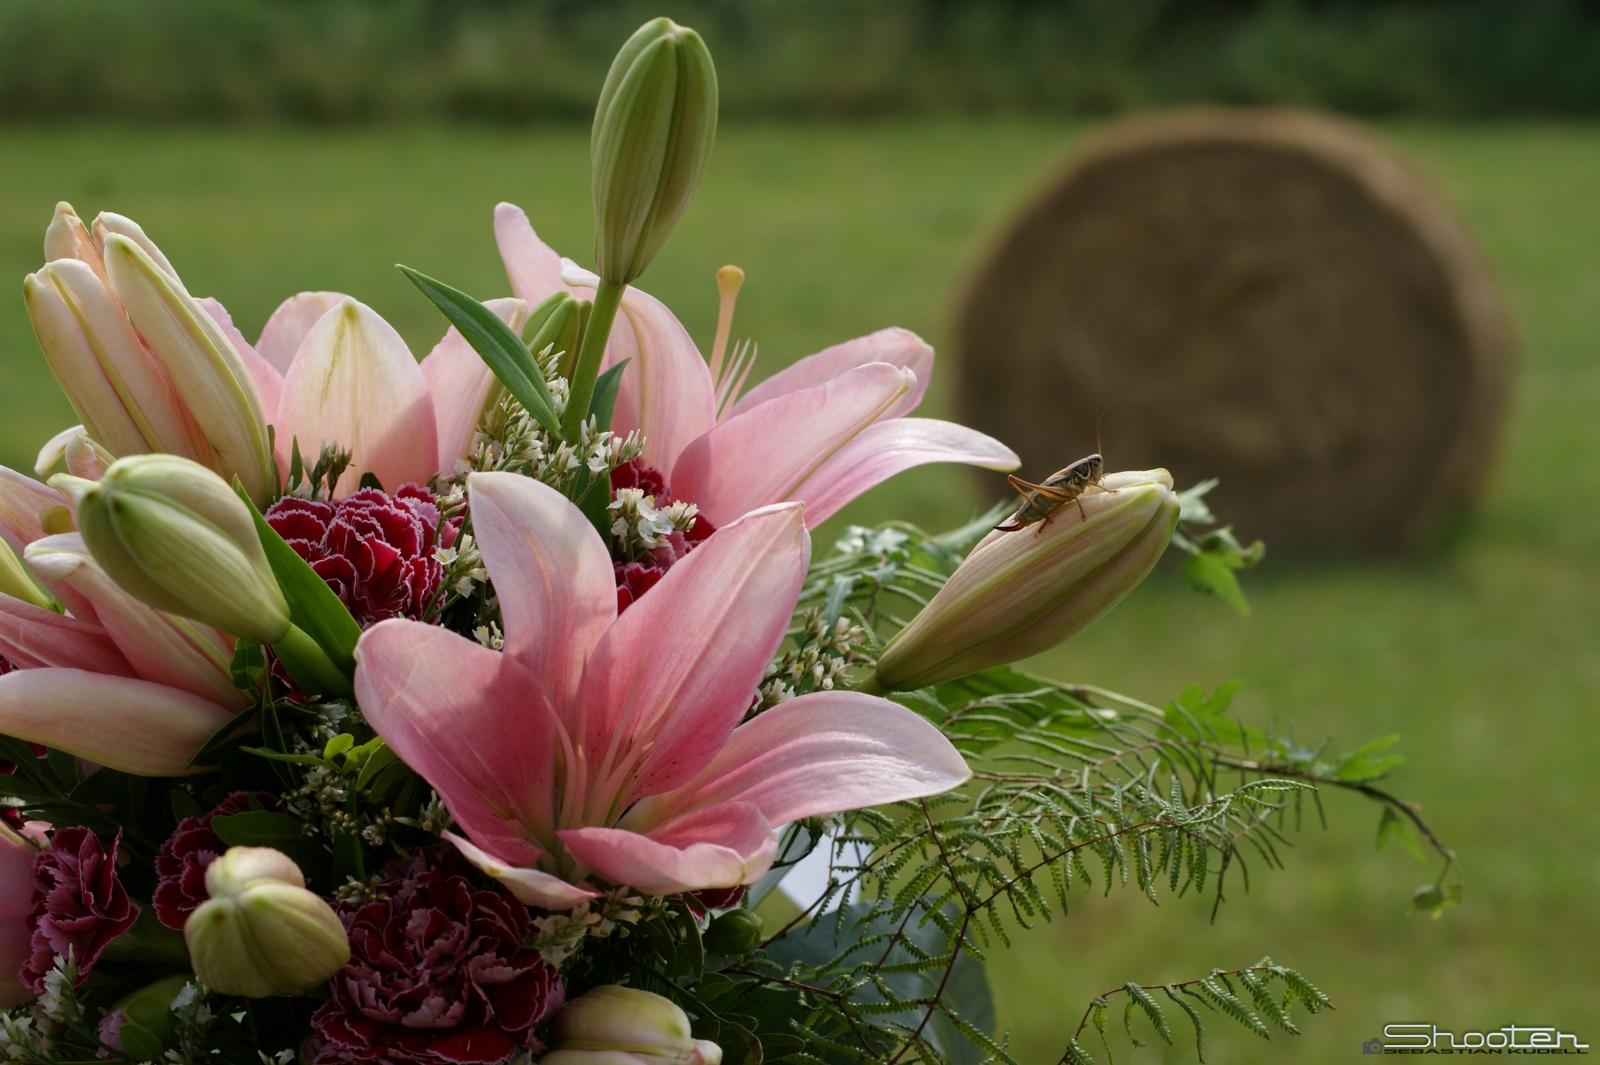 Sitzblockade auf Blumenstrauß